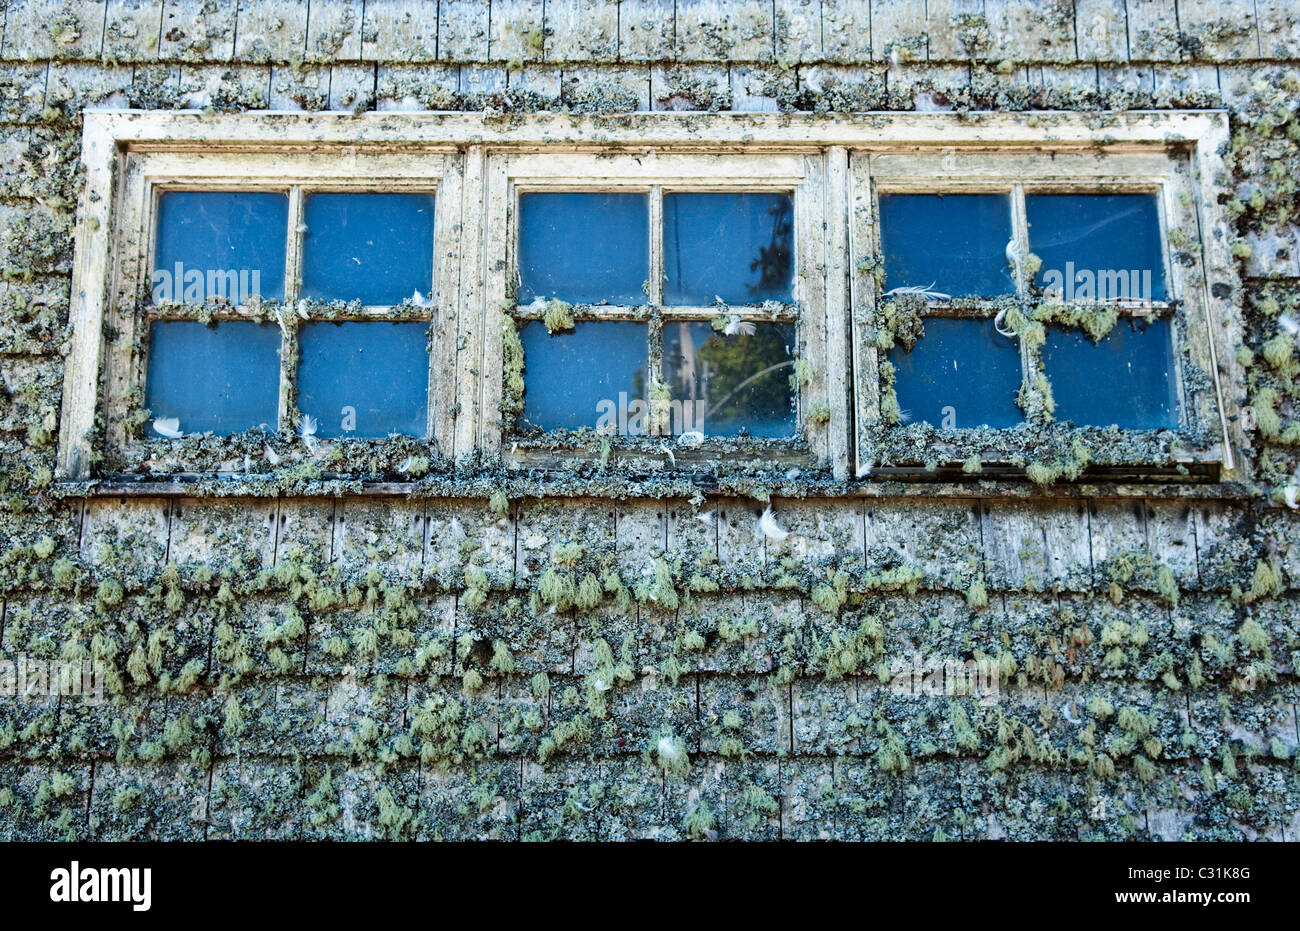 Eine Reihe von Fenstern überlagert durch die Elemente im Acadia National Park, Maine. Stockbild